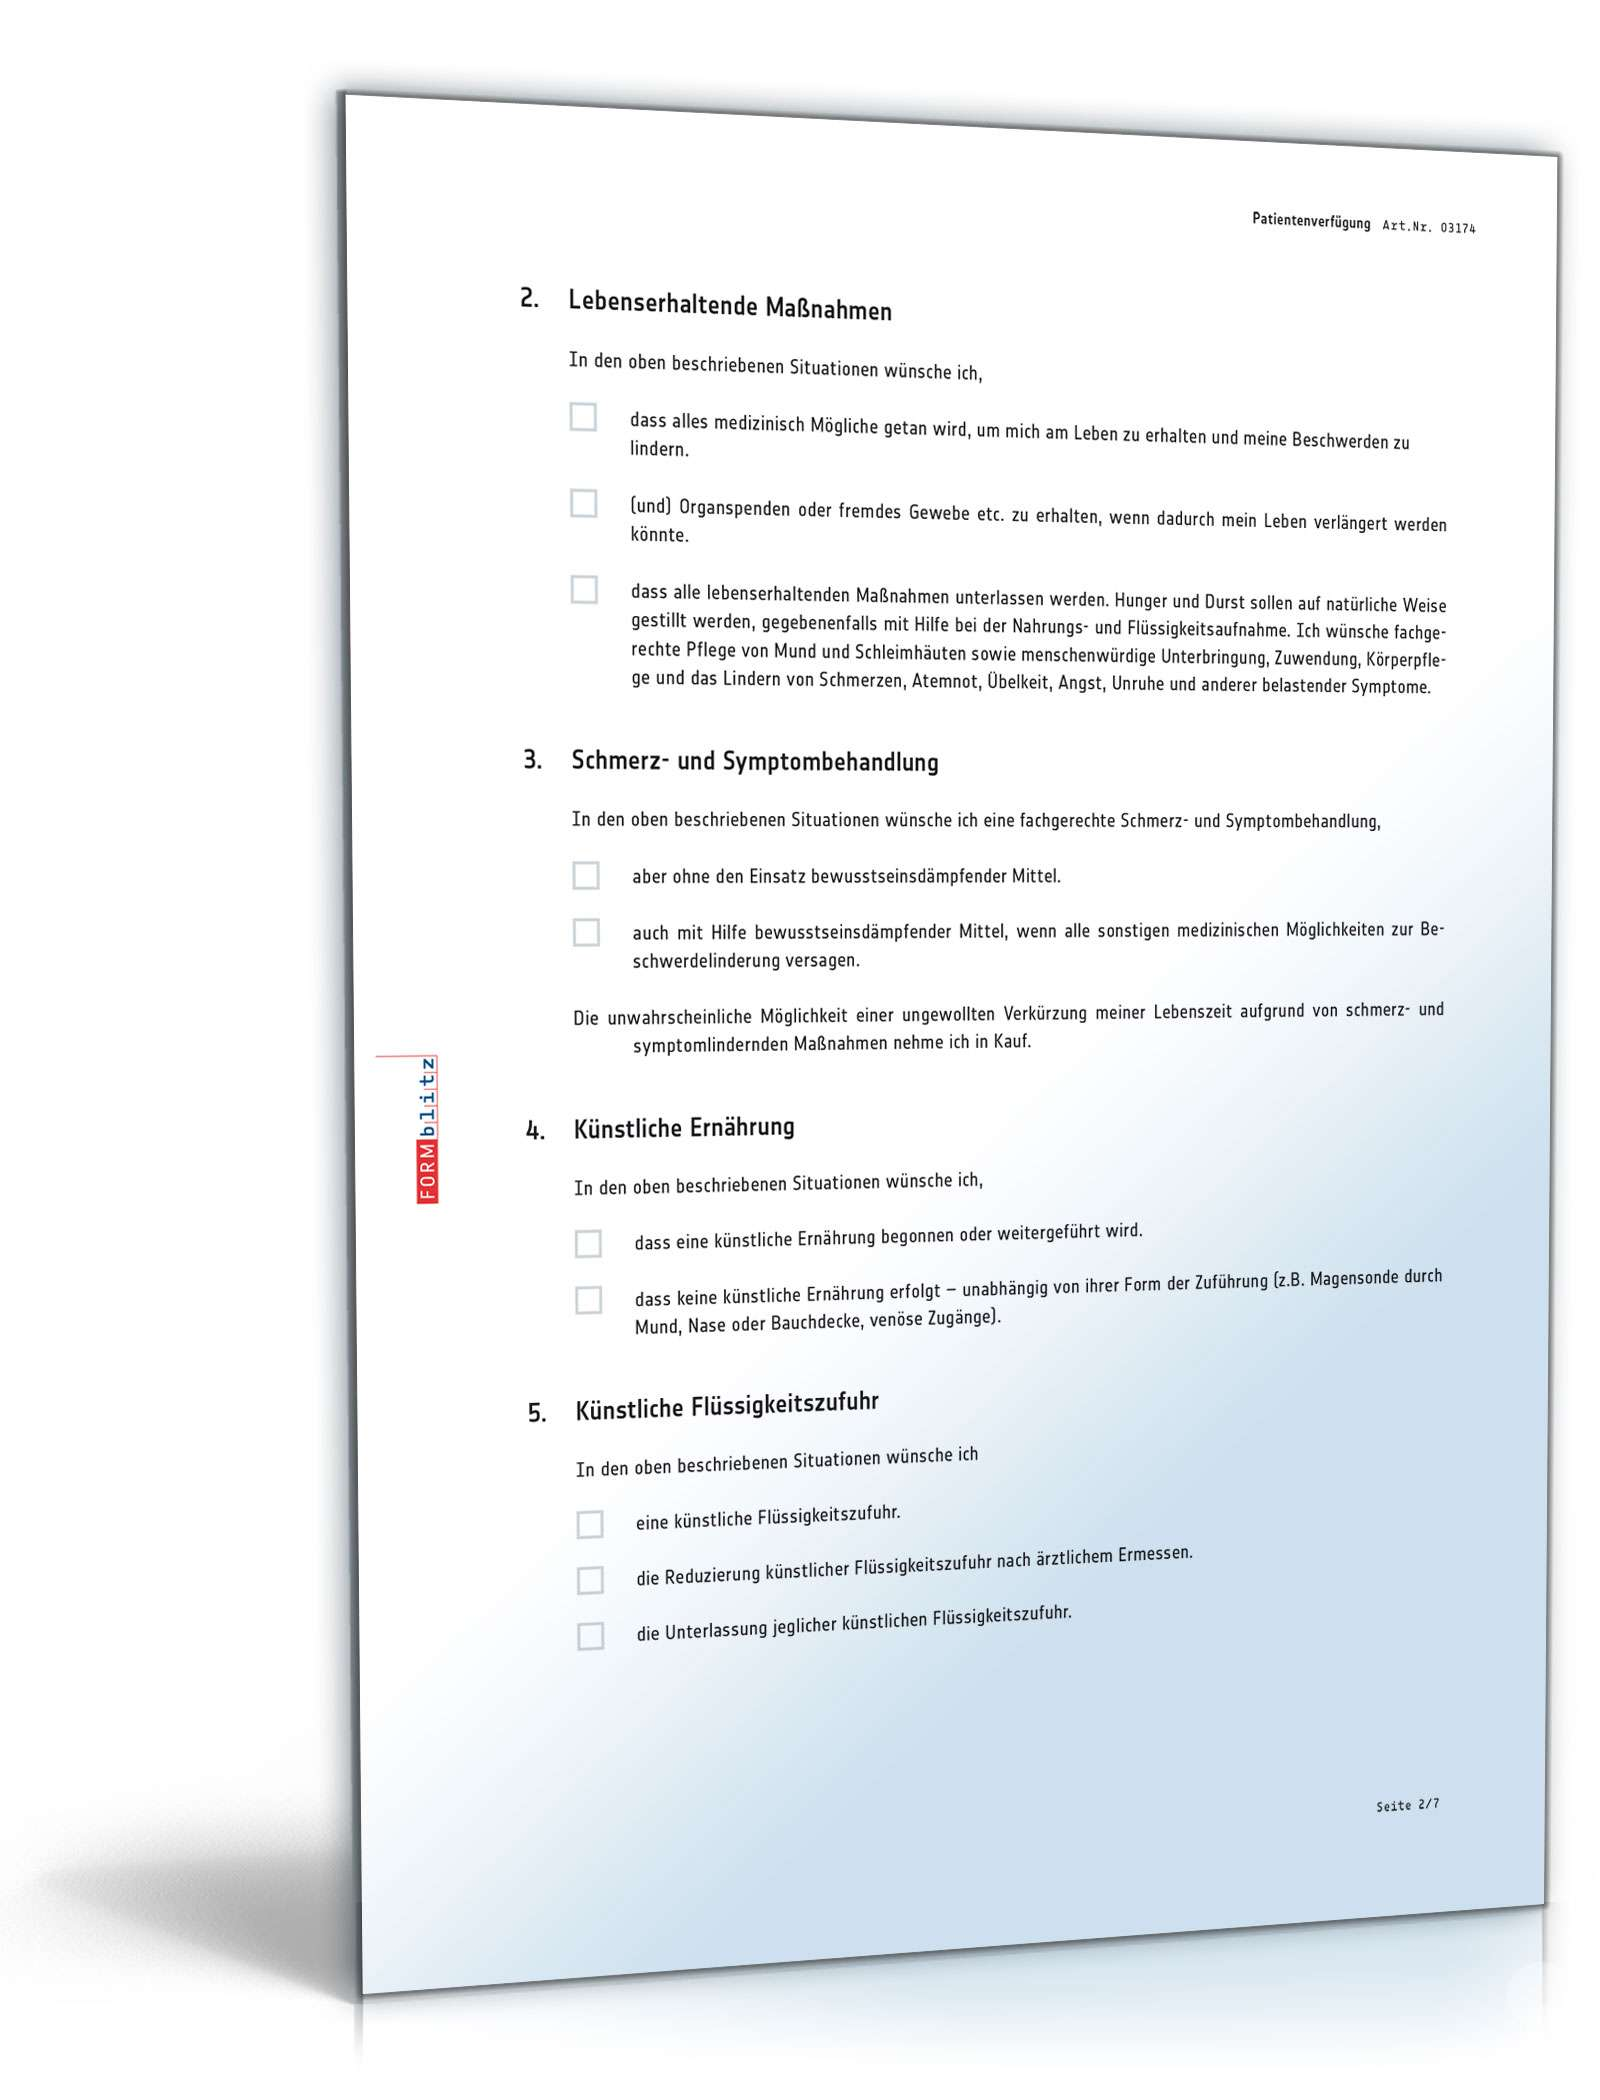 pdf seite 2 - Muster Patientenverfugung